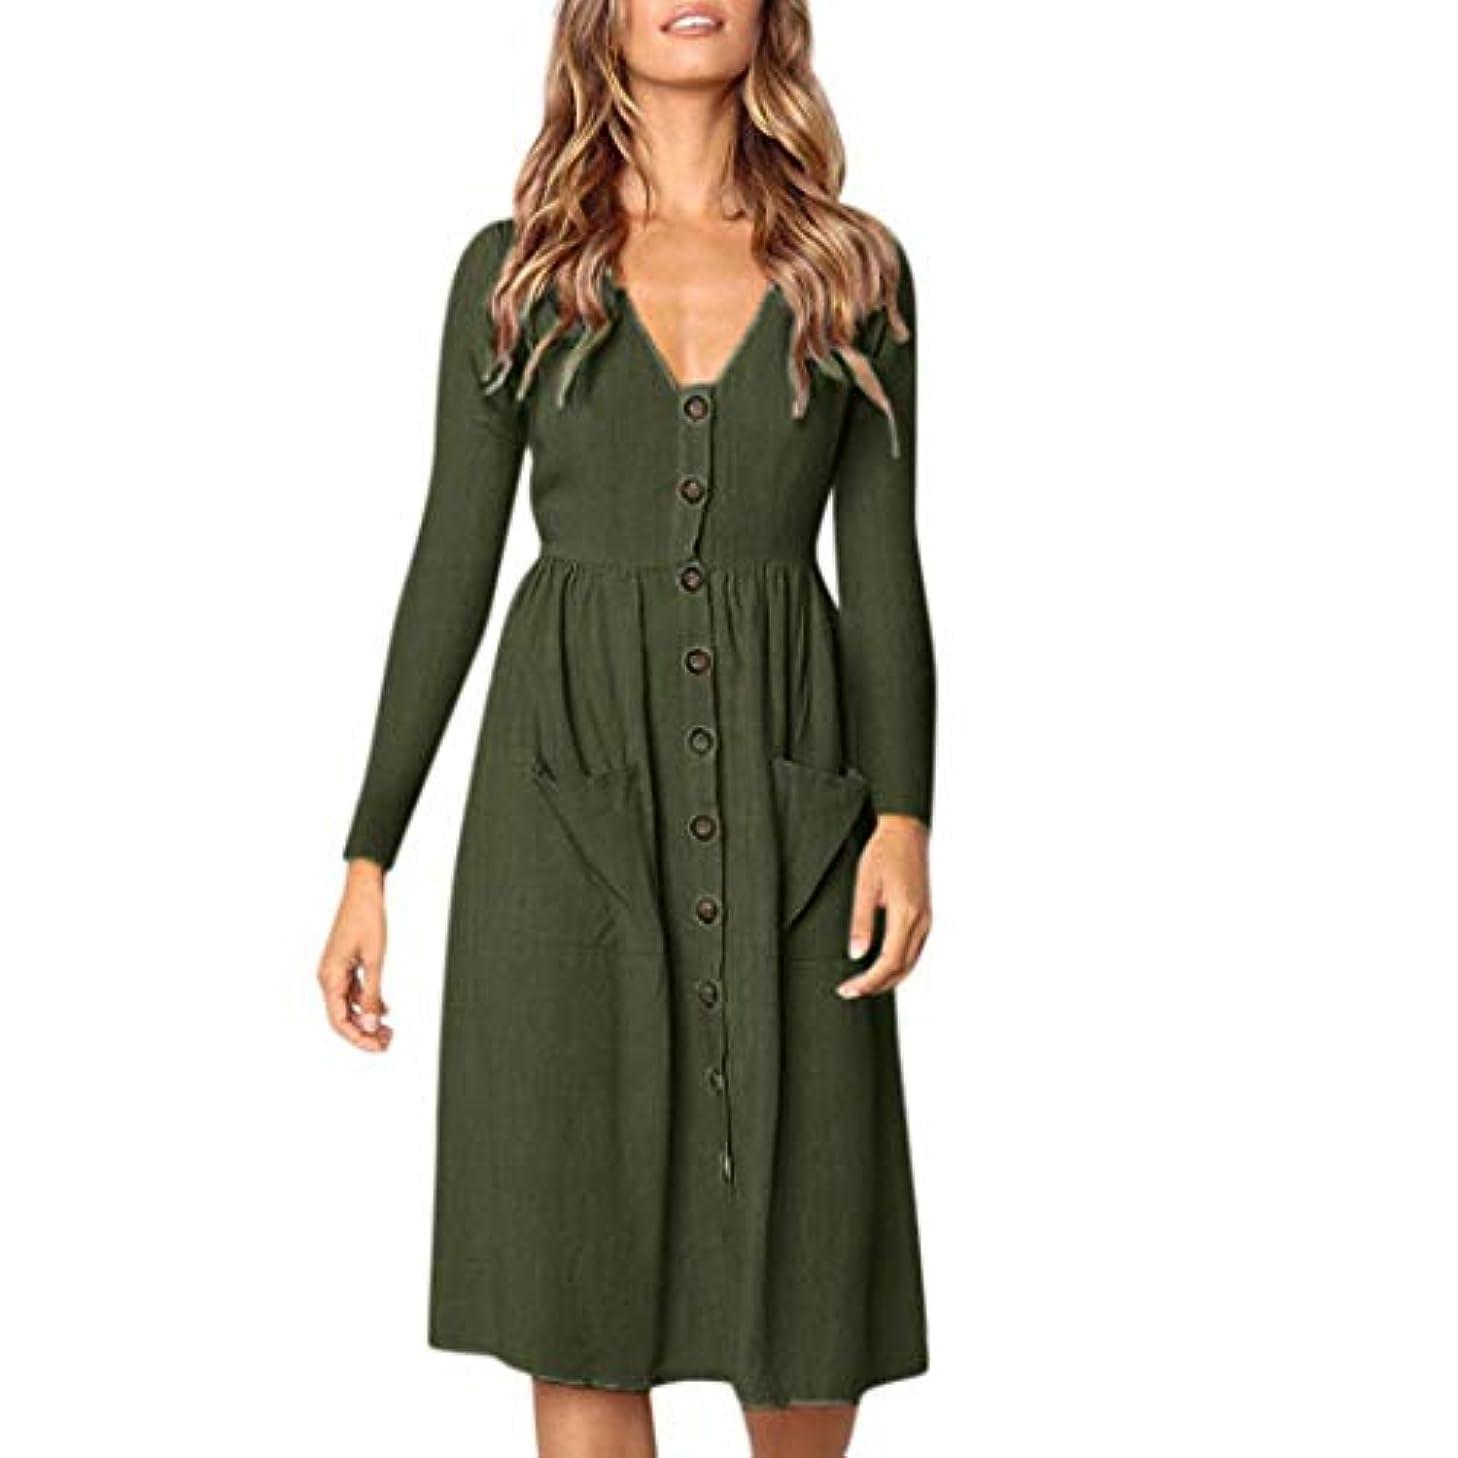 おじいちゃんバスト骨の折れるSakuraBest Women V Neck Button Dress Long Sleeve Pocket Dress for Summer Aytumn